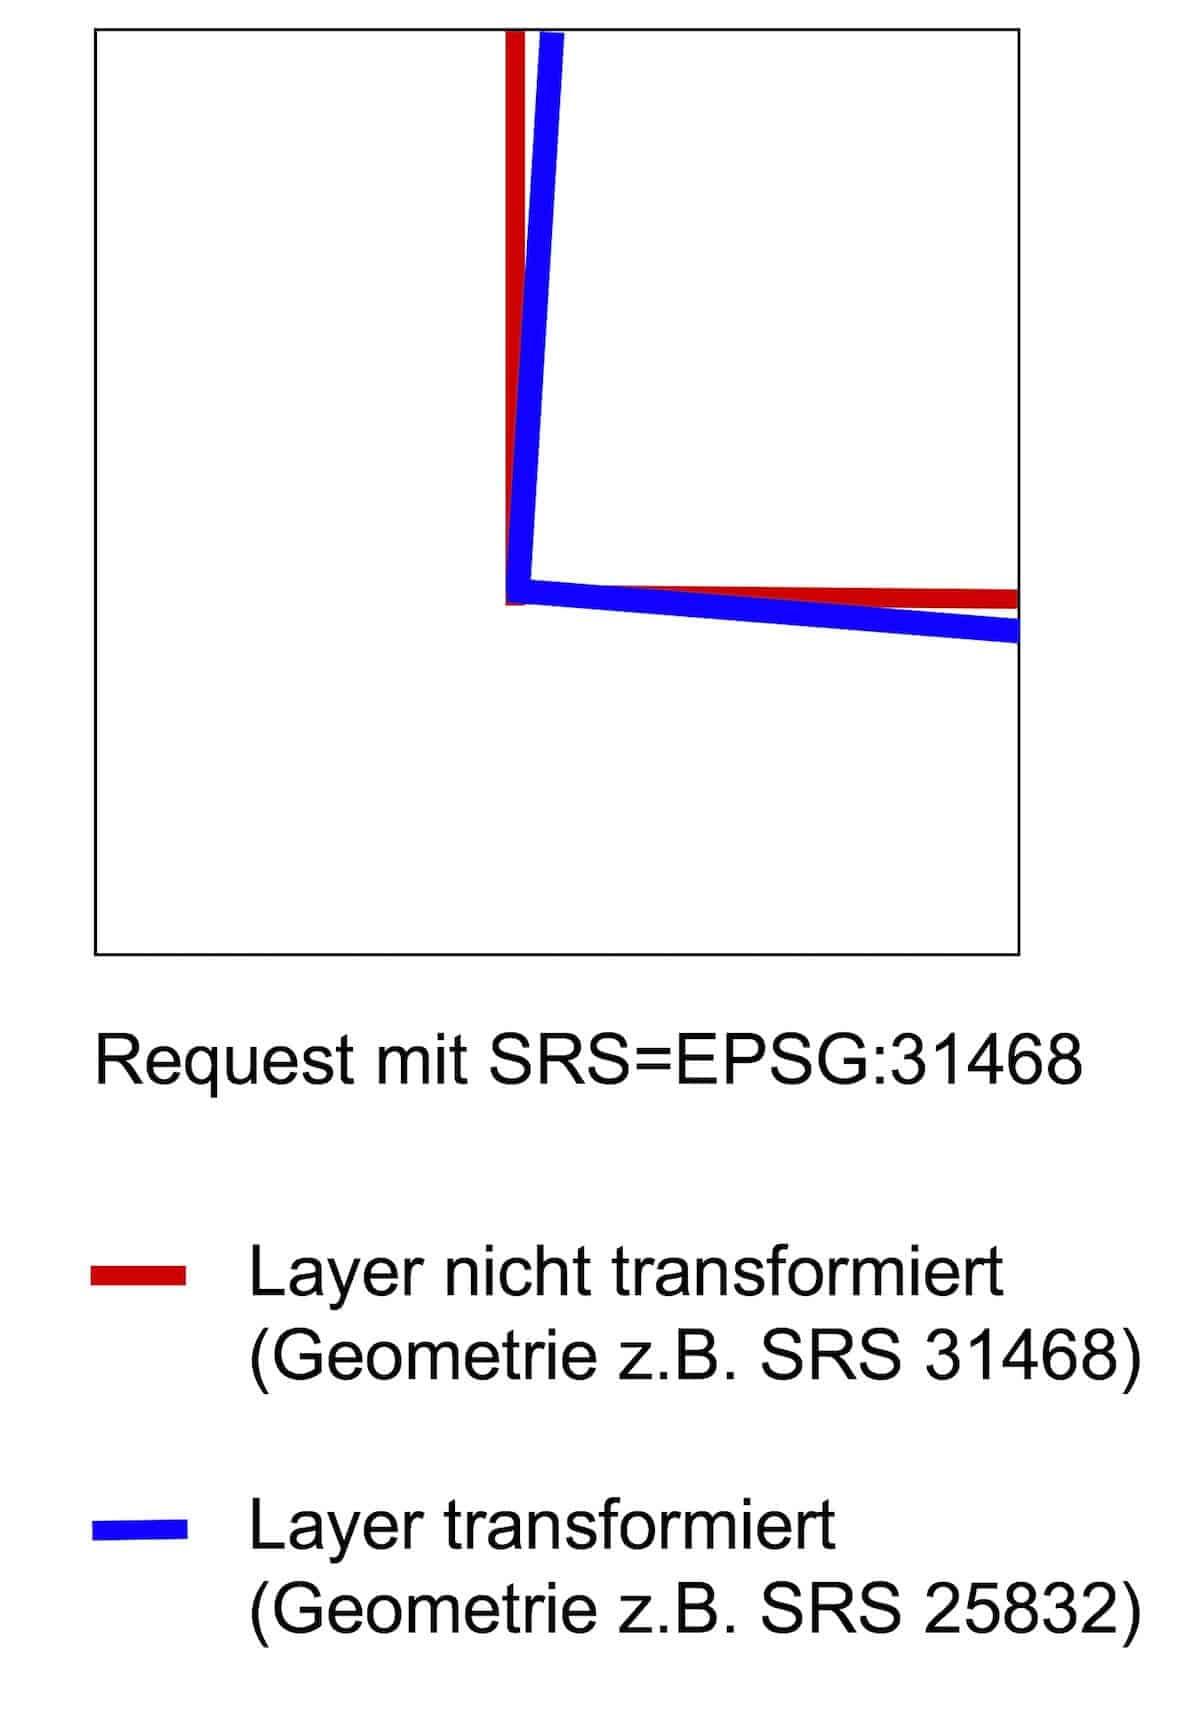 Überpruefung mittels Referenzgeometrien